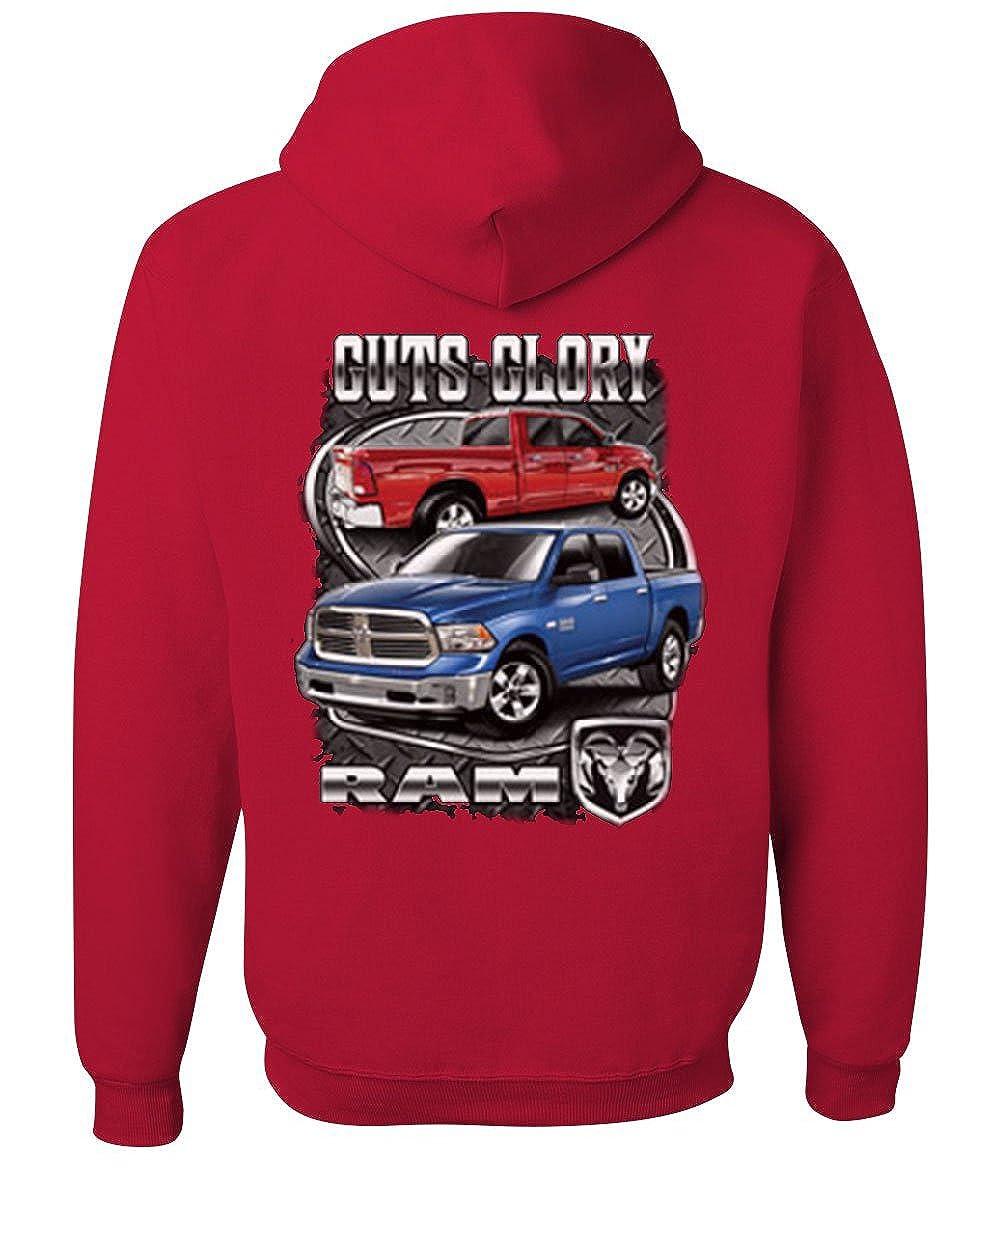 Tee Hunt Dodge Ram Guts Glory Hoodie Dodge Truck Licensed Sweatshirt 100490-S-S-BLK-$P